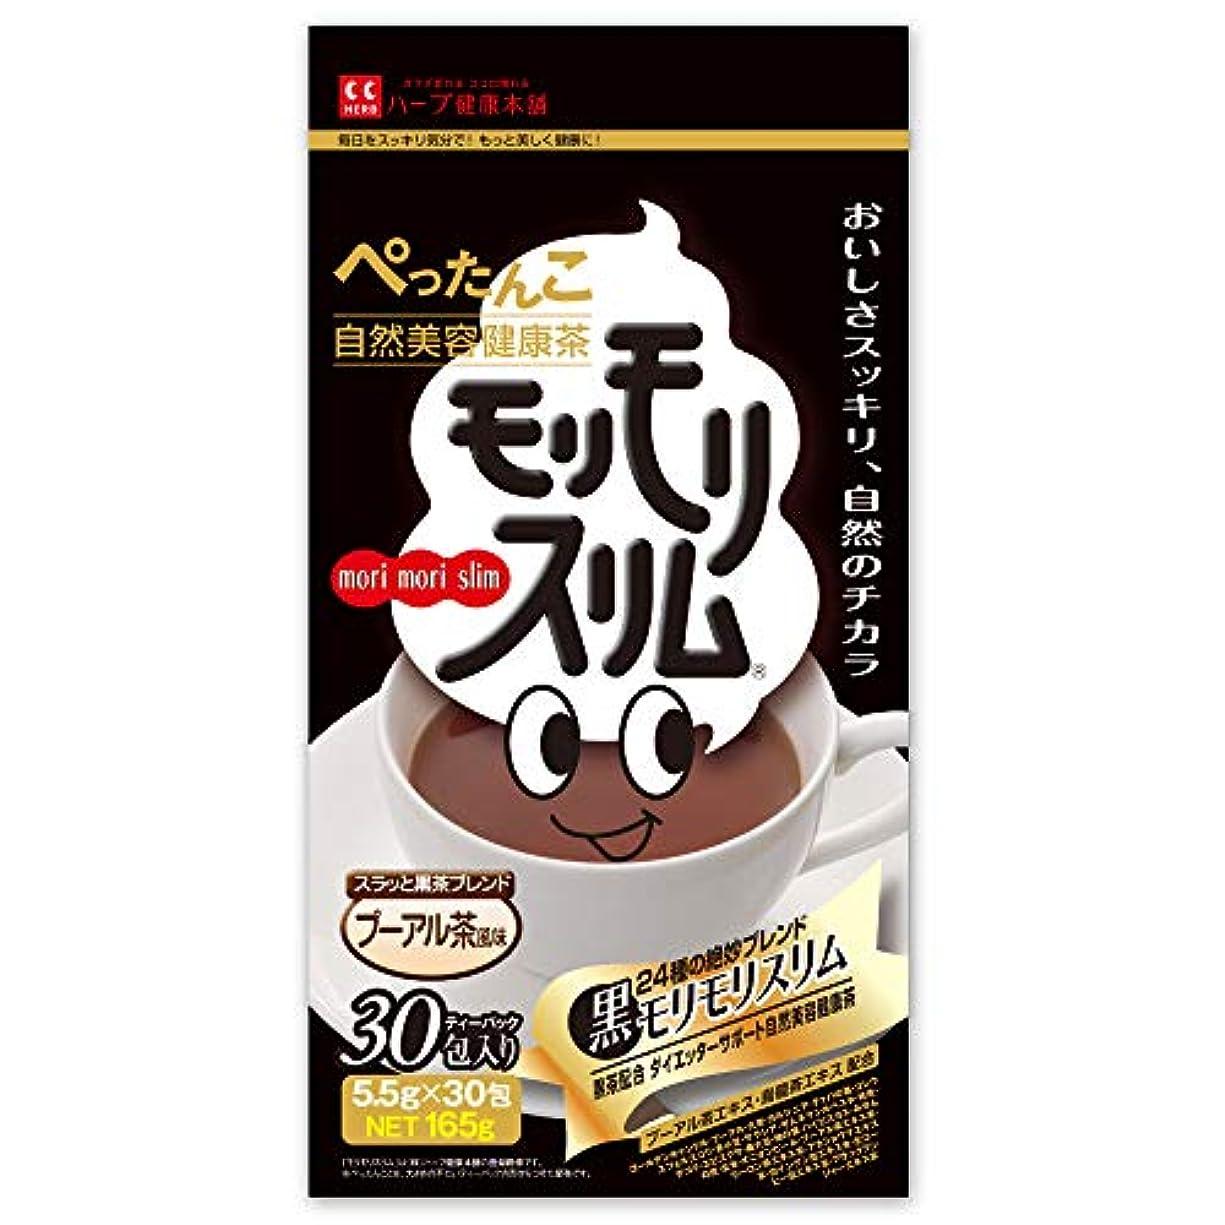 ダッシュ許可動脈ハーブ健康本舗 黒モリモリスリム(プーアル茶風味) (30包)